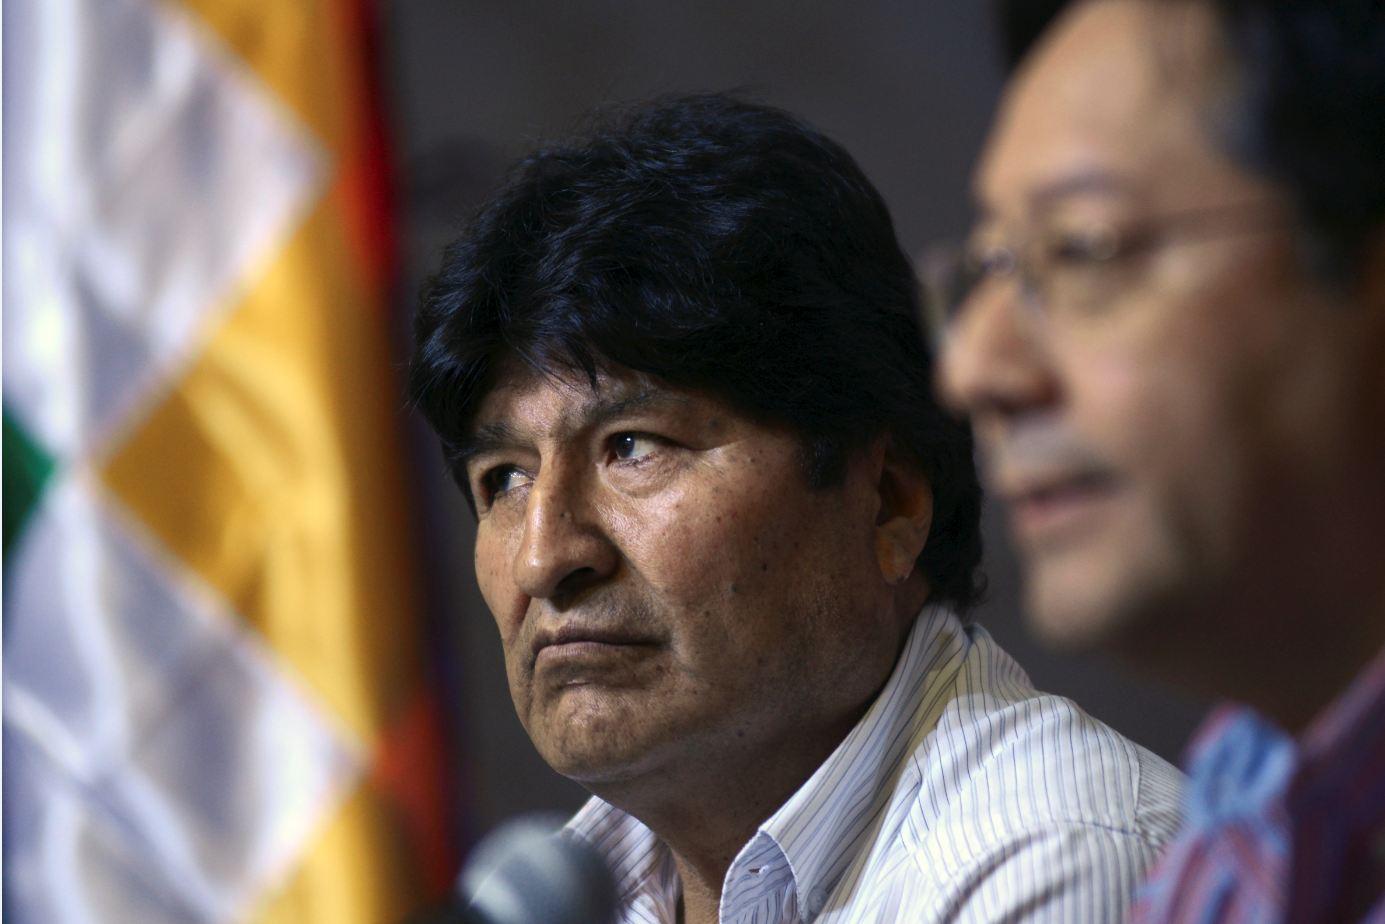 El Movimiento al Socialismo (MAS) cerró filas este jueves en torno a su líder Evo Morales para que pueda ser candidato a diputado o a senador. Foto: Reuters.